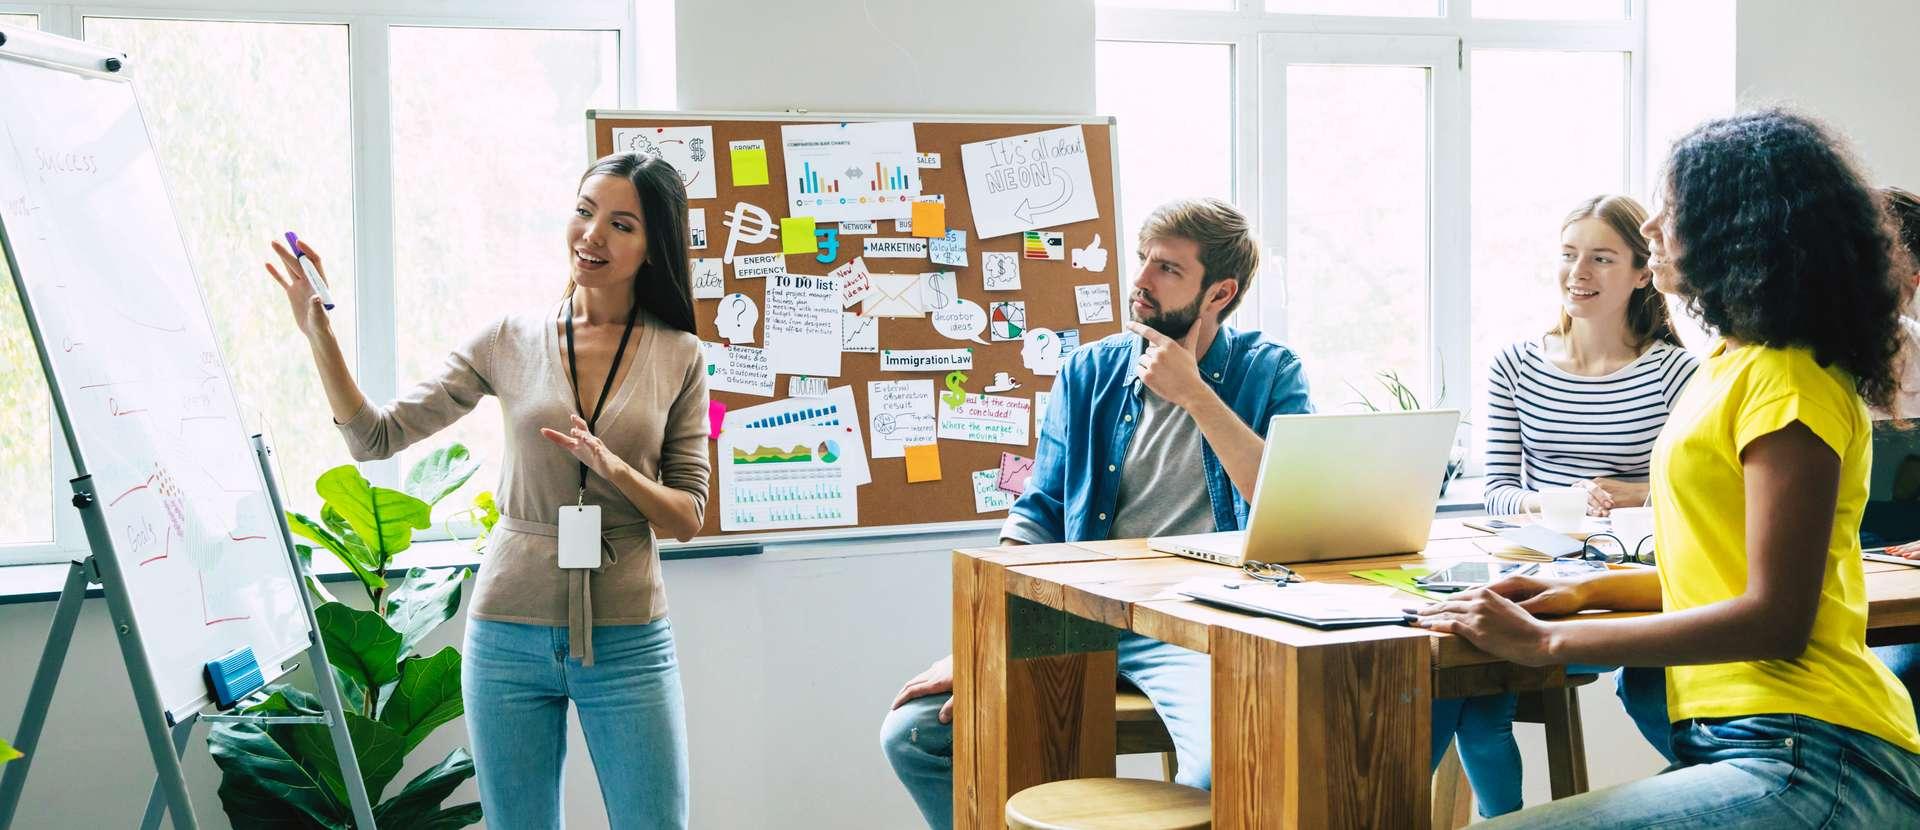 Les Prix start-up EDF Pulse reviennent en 2020 avec comme ambition de « soutenir des innovations inclusives et porteuses de progrès ». @AdobePhoto.